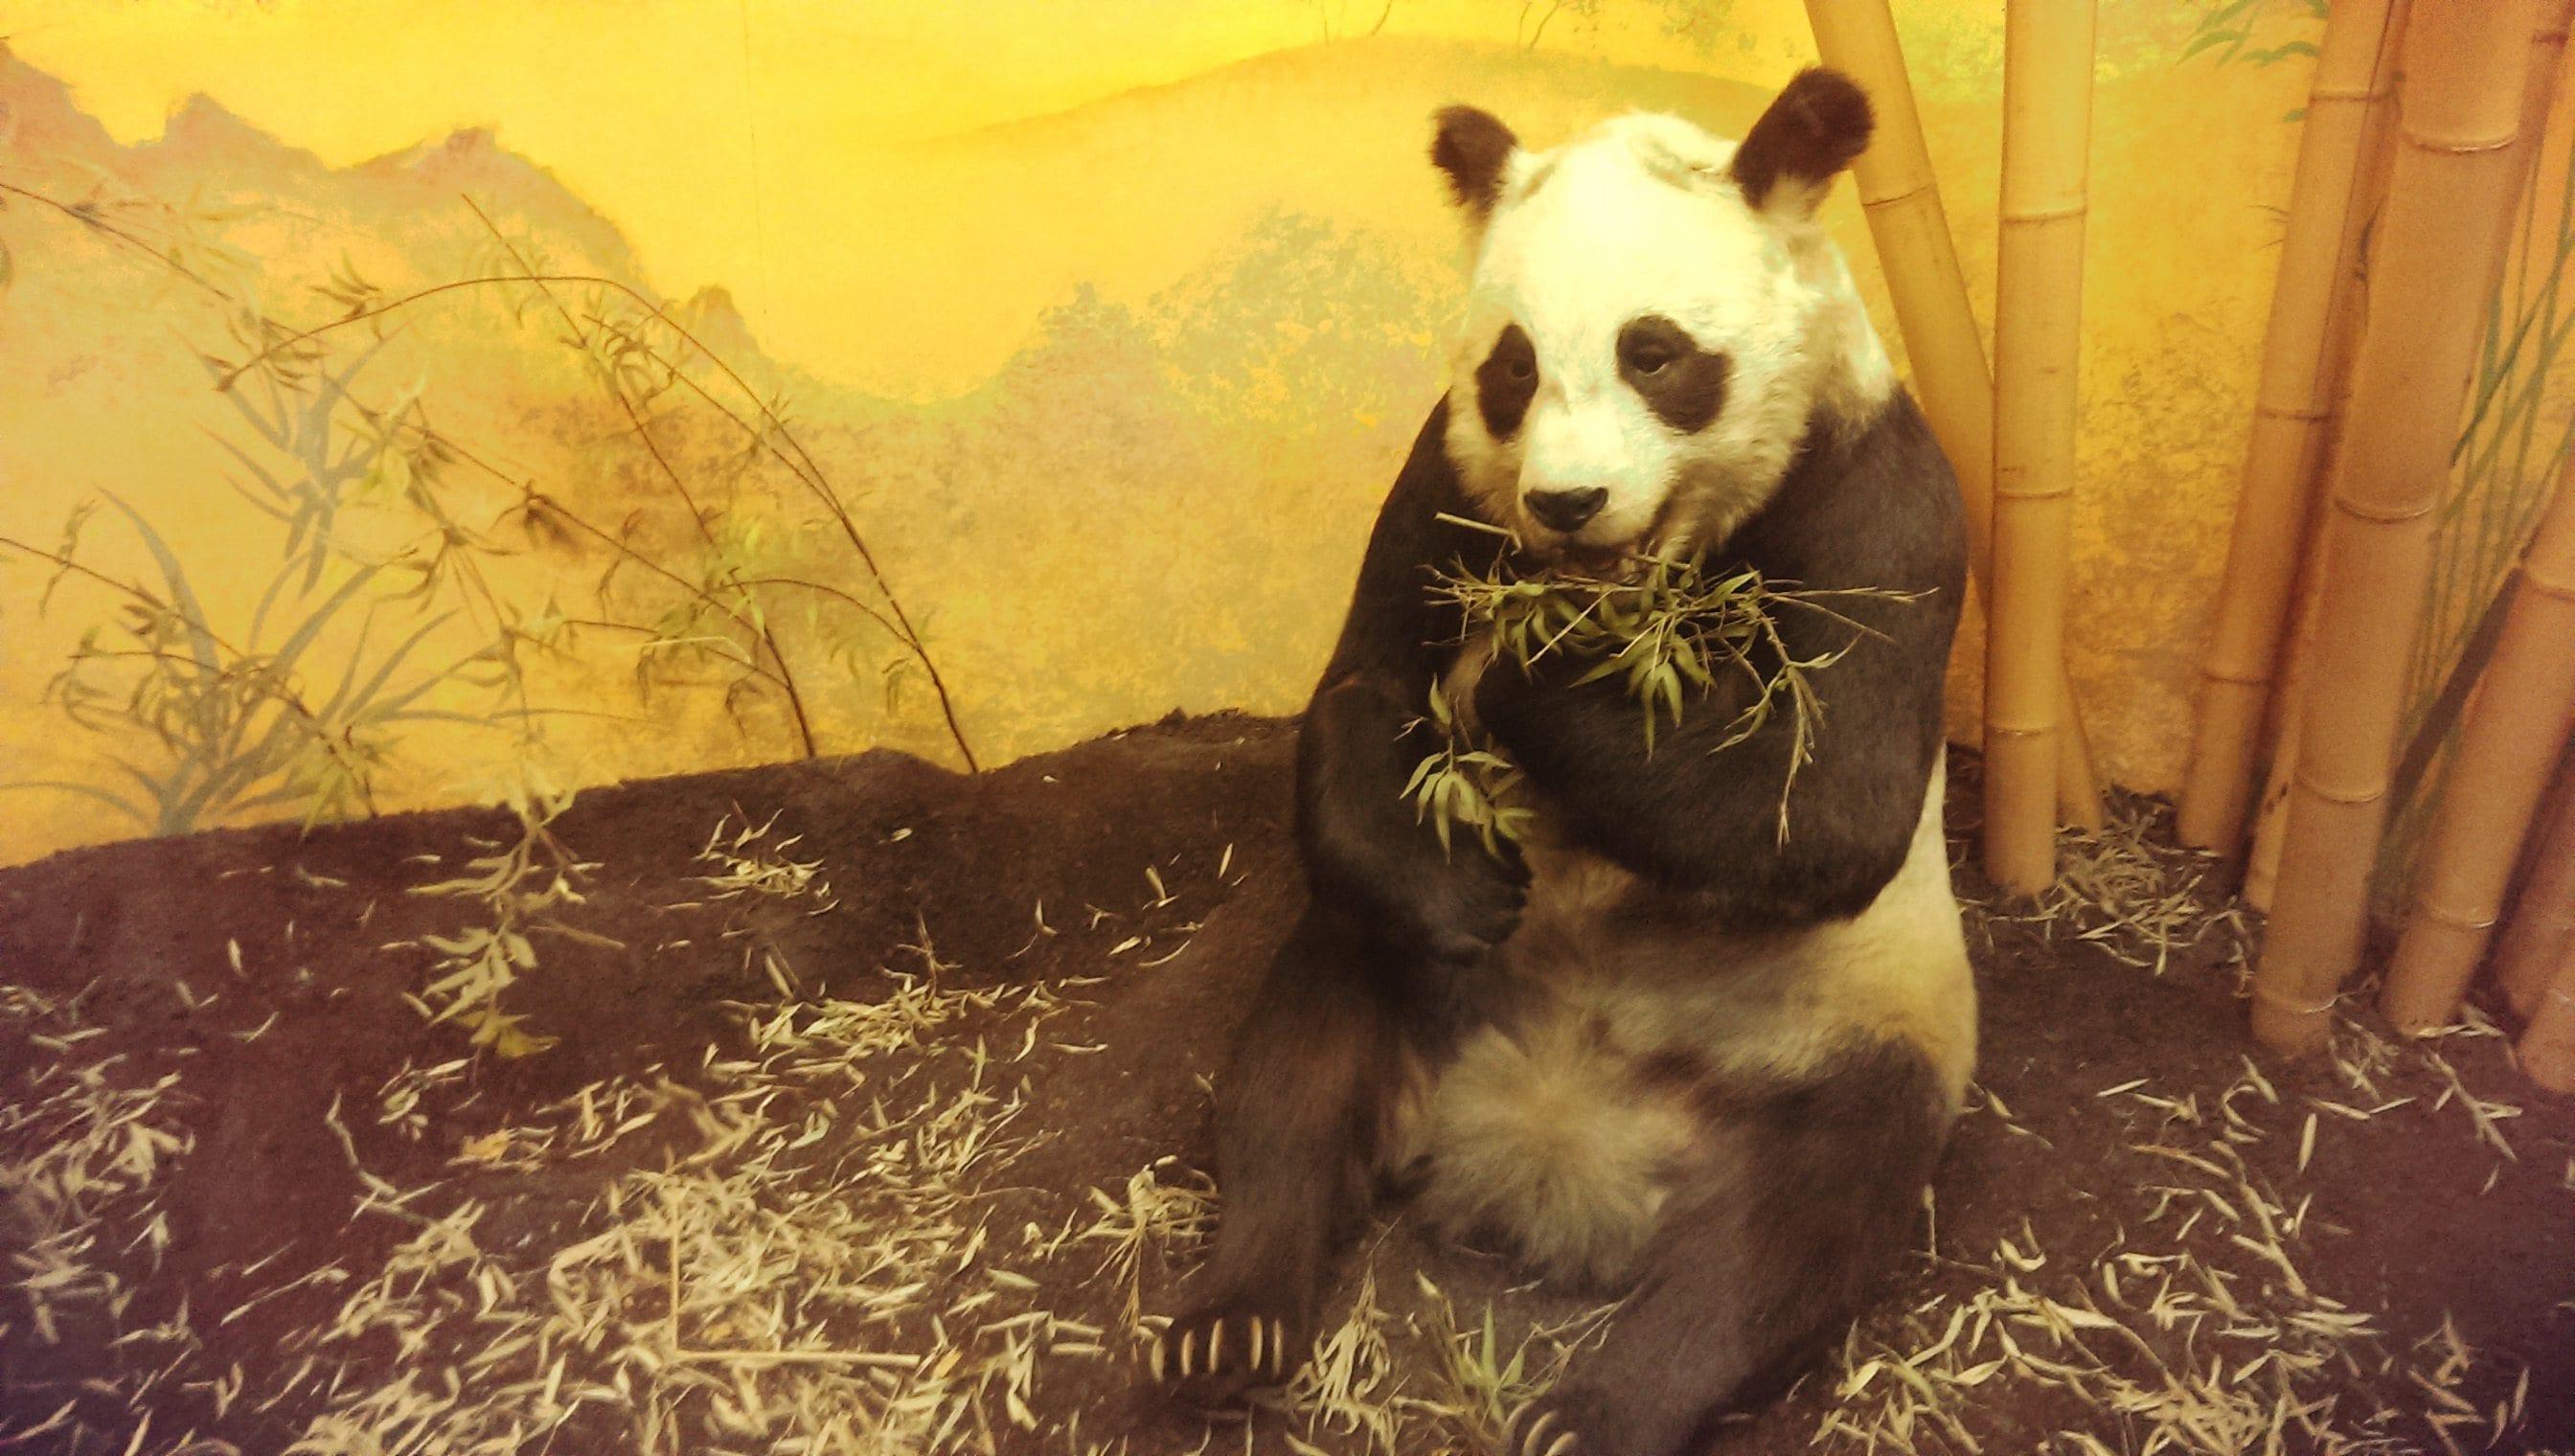 Täuschend echt: Ein ausgestopfter Panda